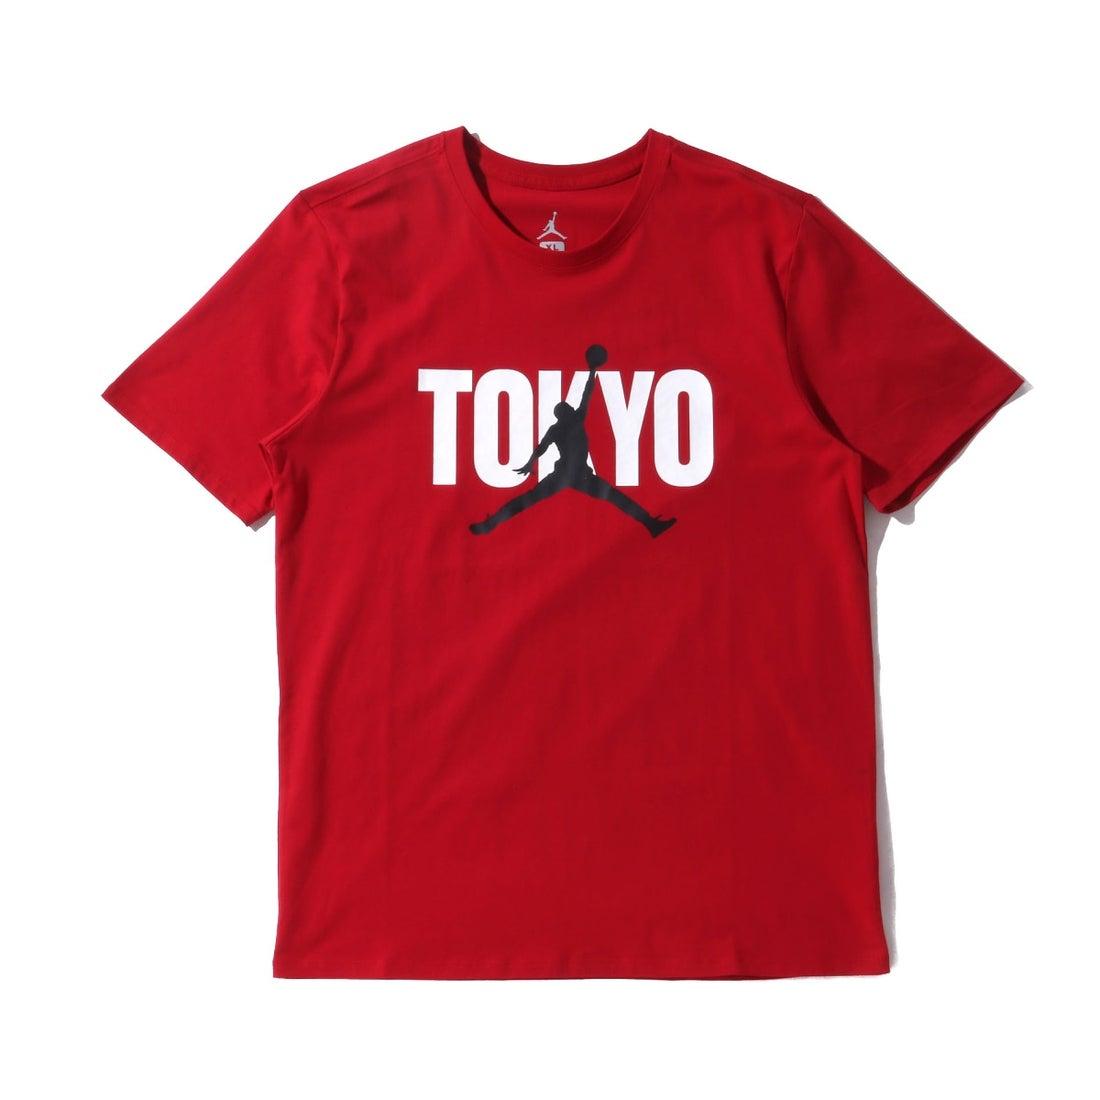 ロコンド 靴とファッションの通販サイトナイキ NIKE JORDAN BRAND AS MJ BACK IN TOKYO SS TEE (RED)